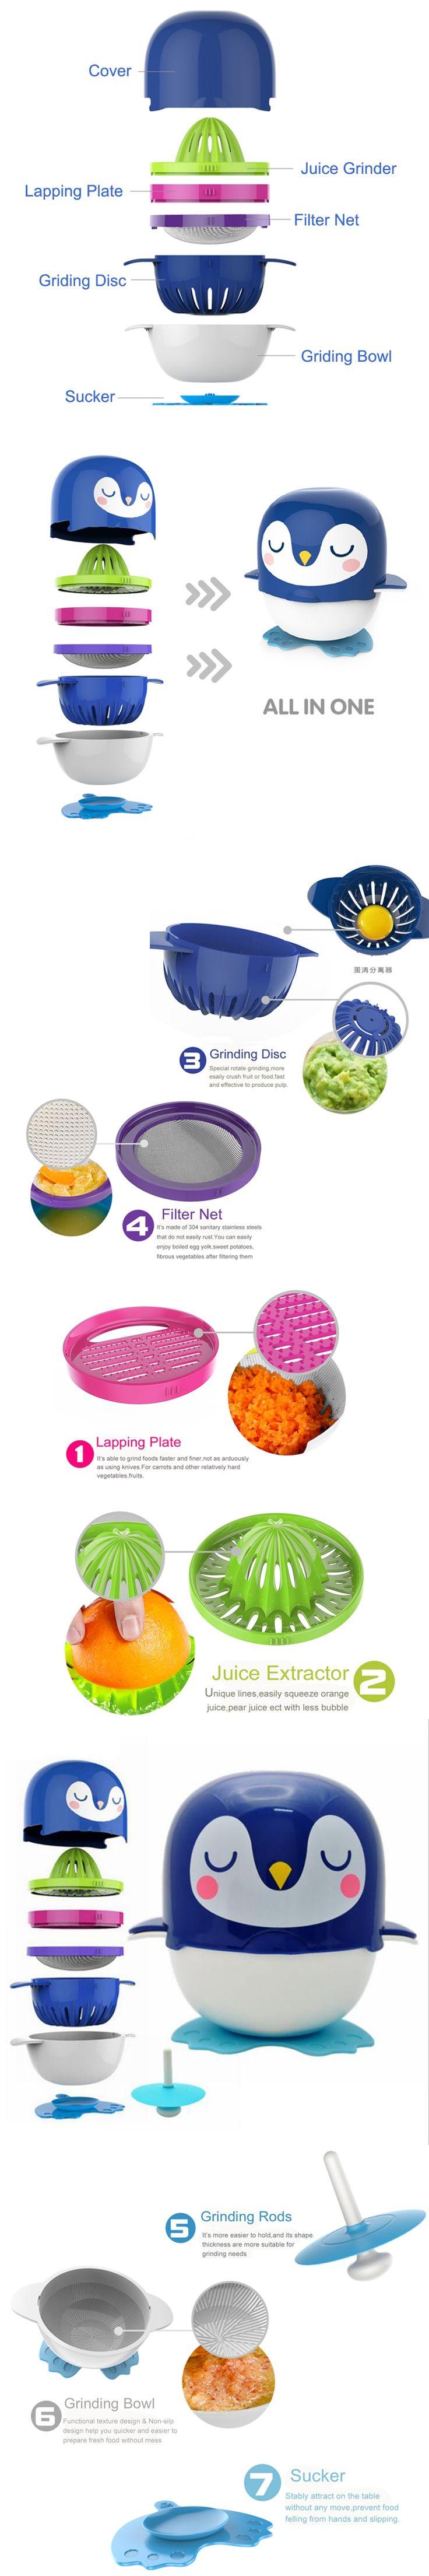 7Pcs/Set Baby Food Mills Baby Food Manual Processor Mills infantil Food Grinder For Fruit Juicer Prato Vegetable For Kitchen